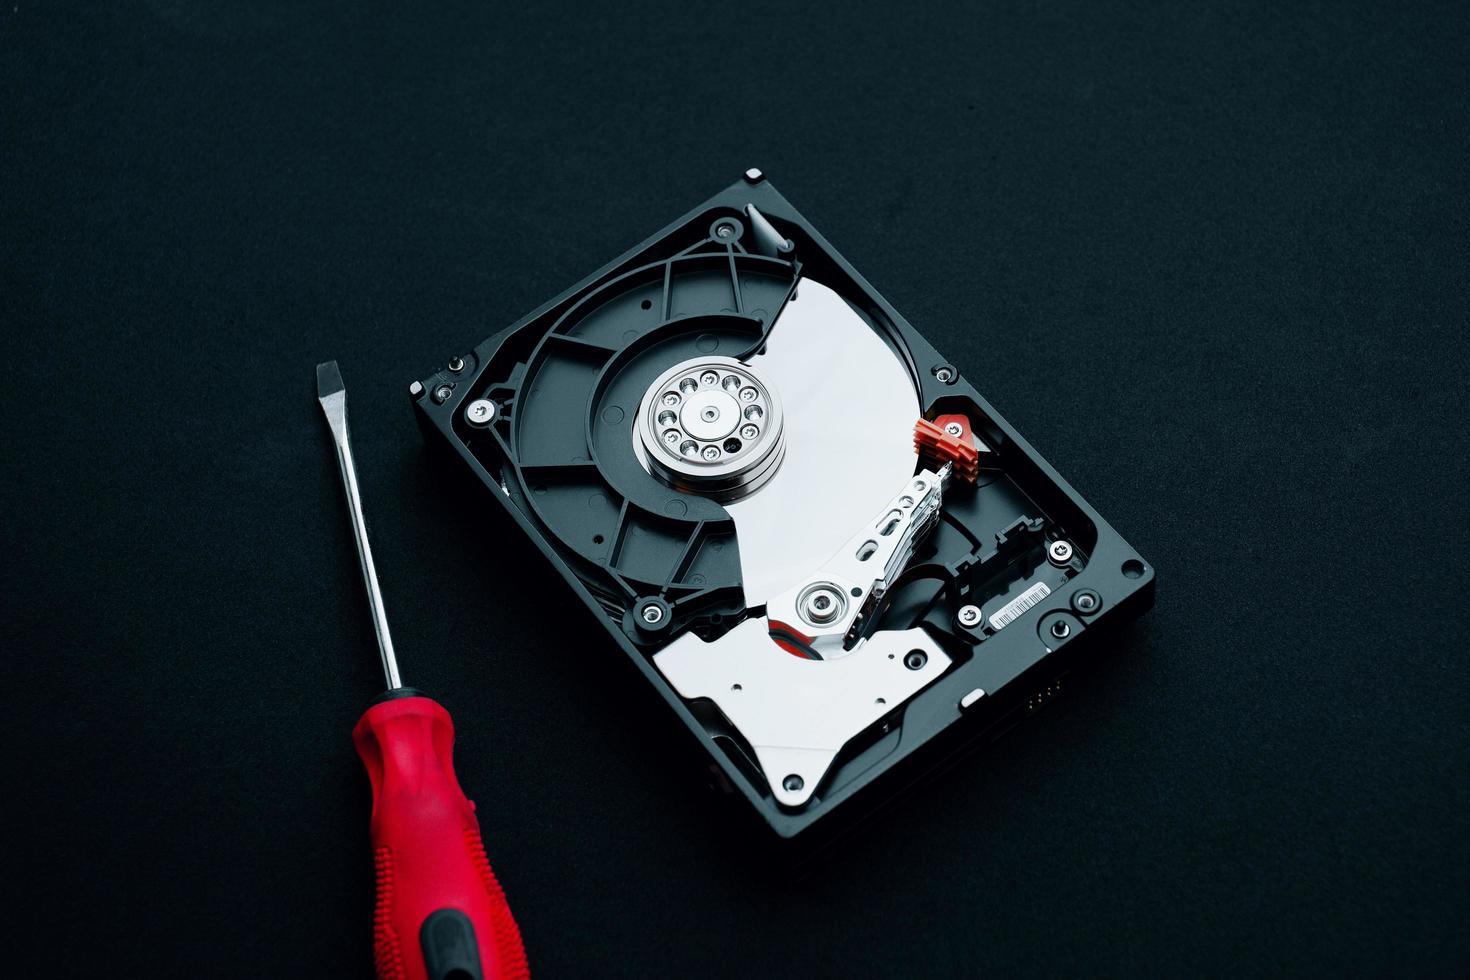 ispezione della riparazione dell'hardware del computer, disco rigido e cacciaviti foto